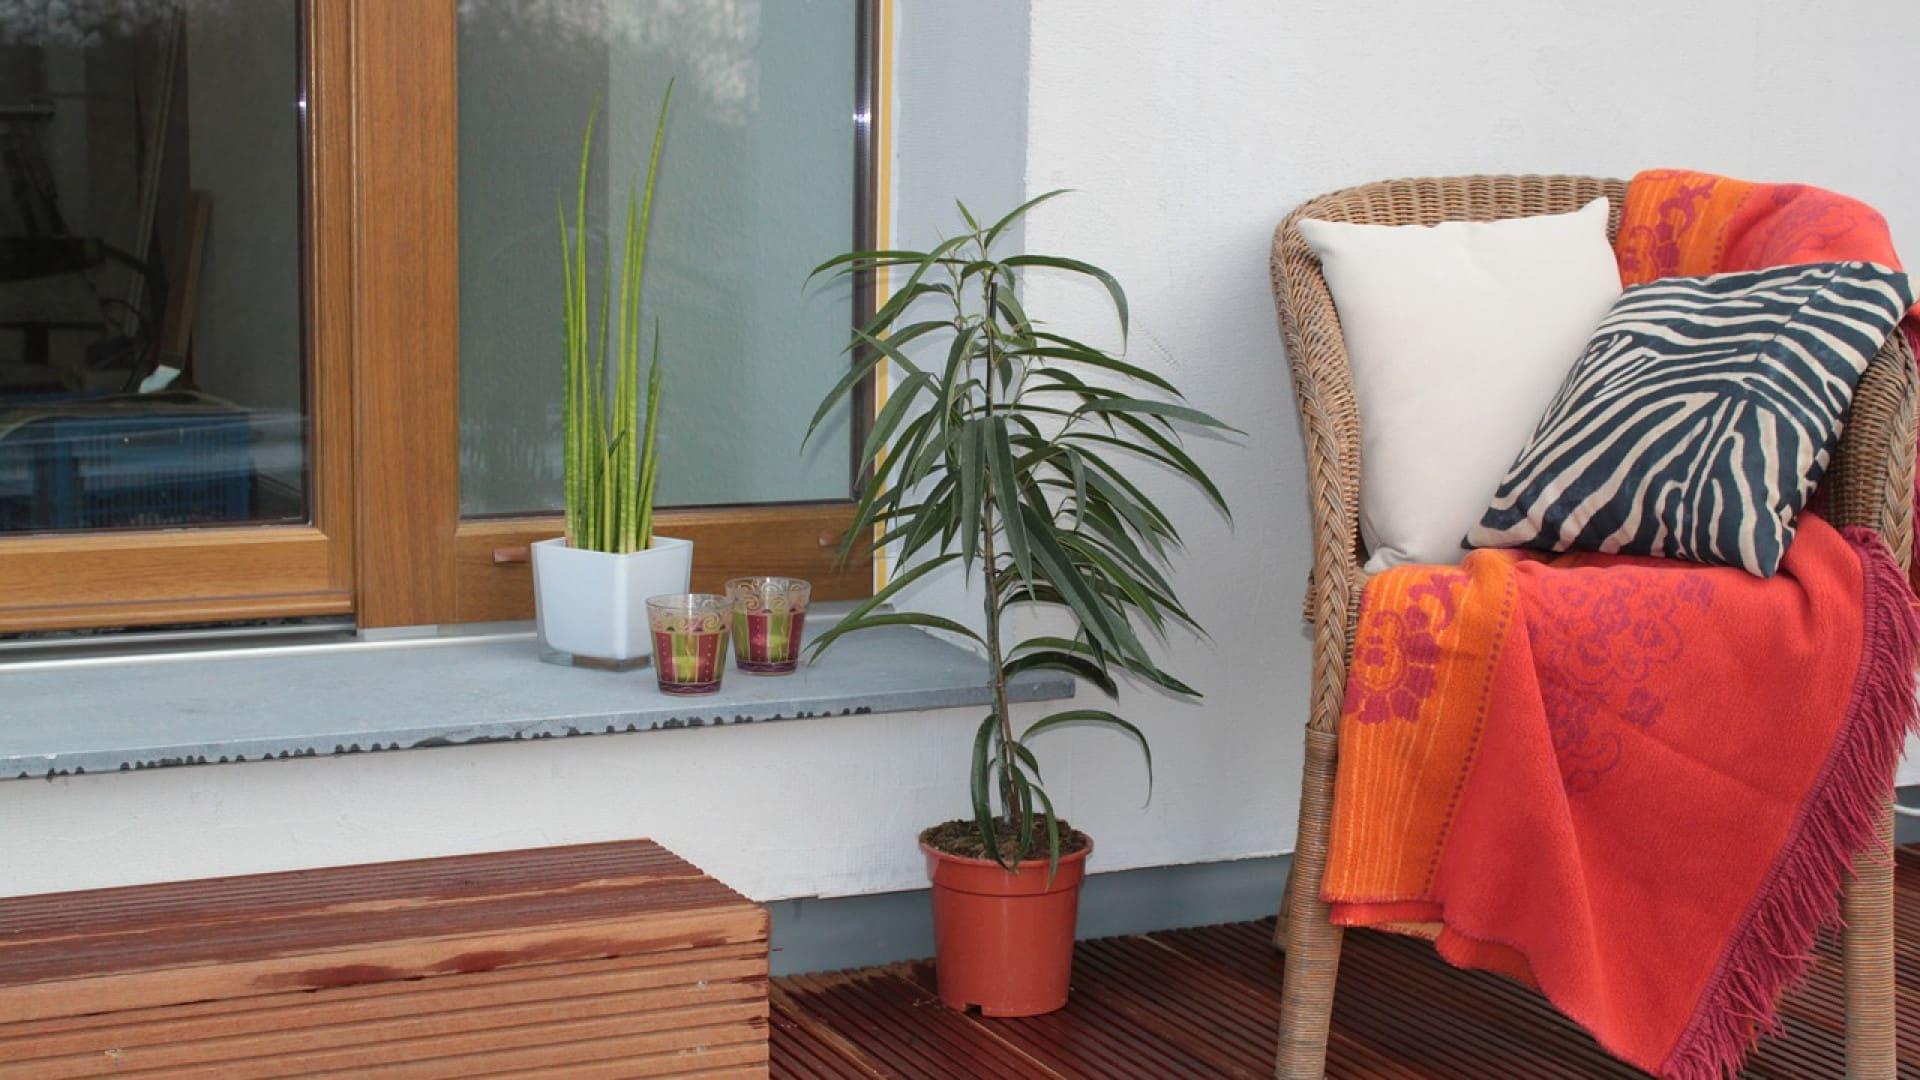 Comment faire une terrasse en bois sur plots ?